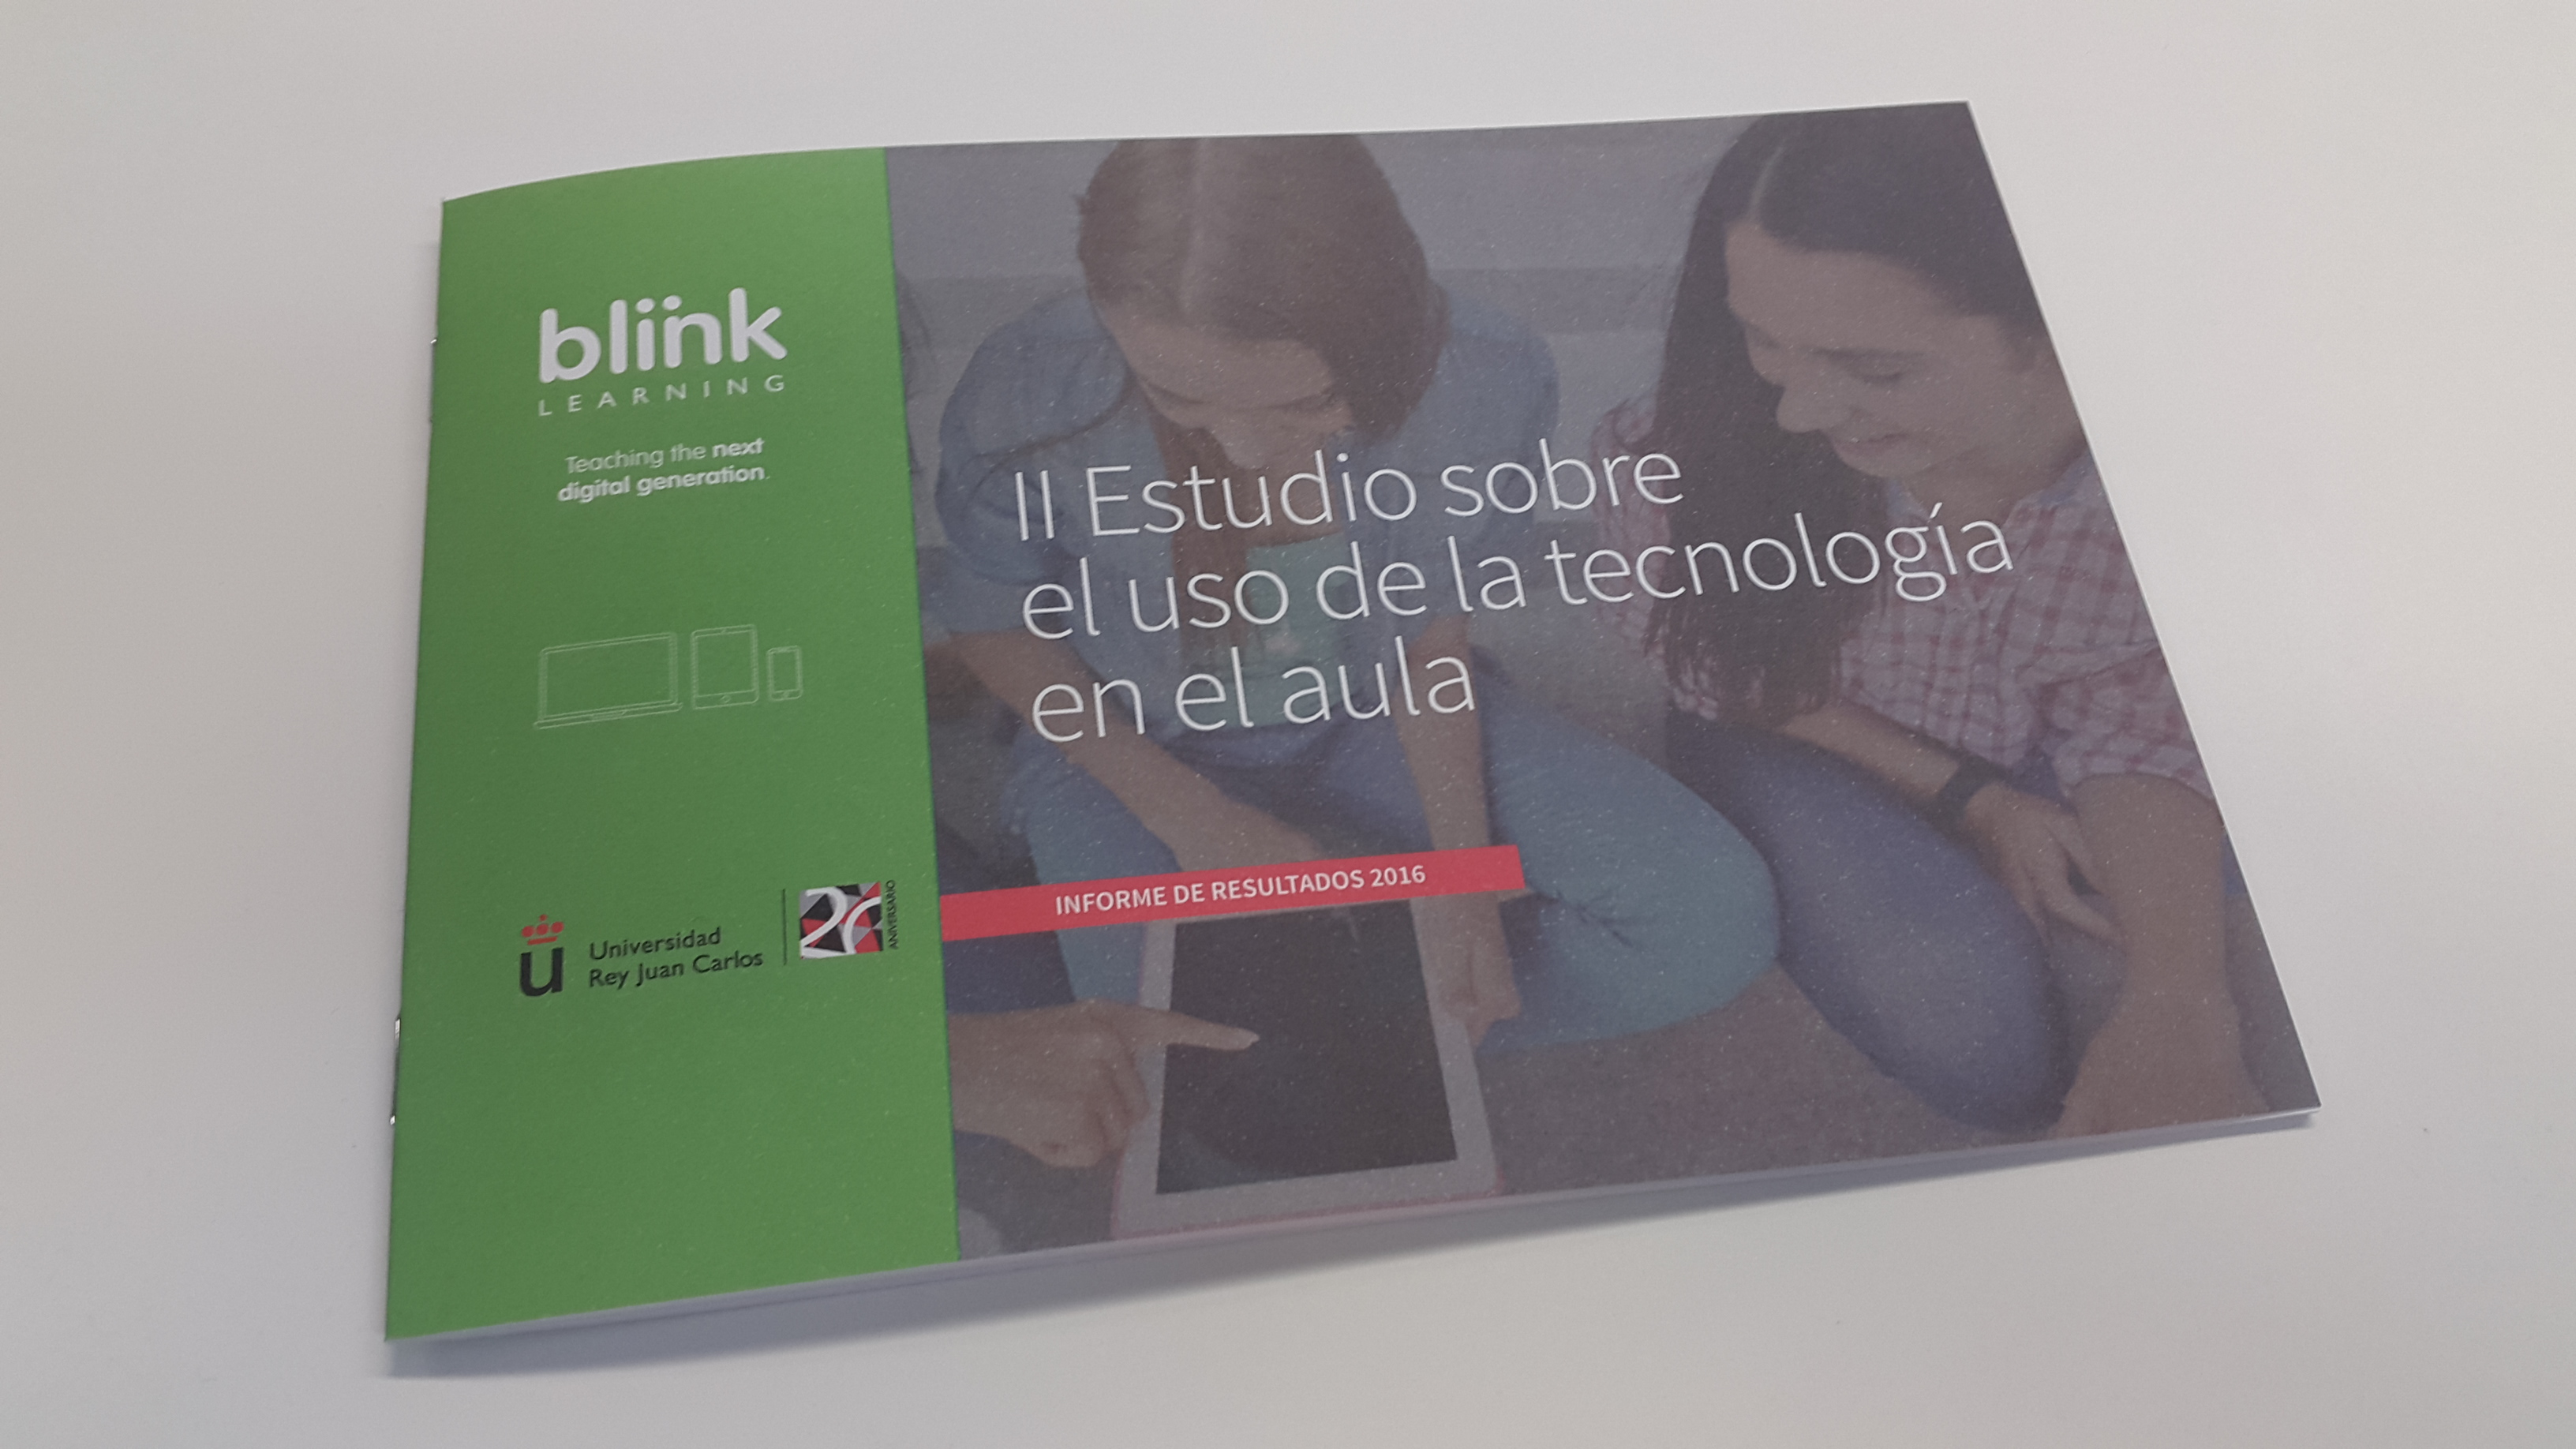 SIMO 2016: Recoge gratis tu ejemplar del II Estudio sobre el uso de la tecnología en el aula